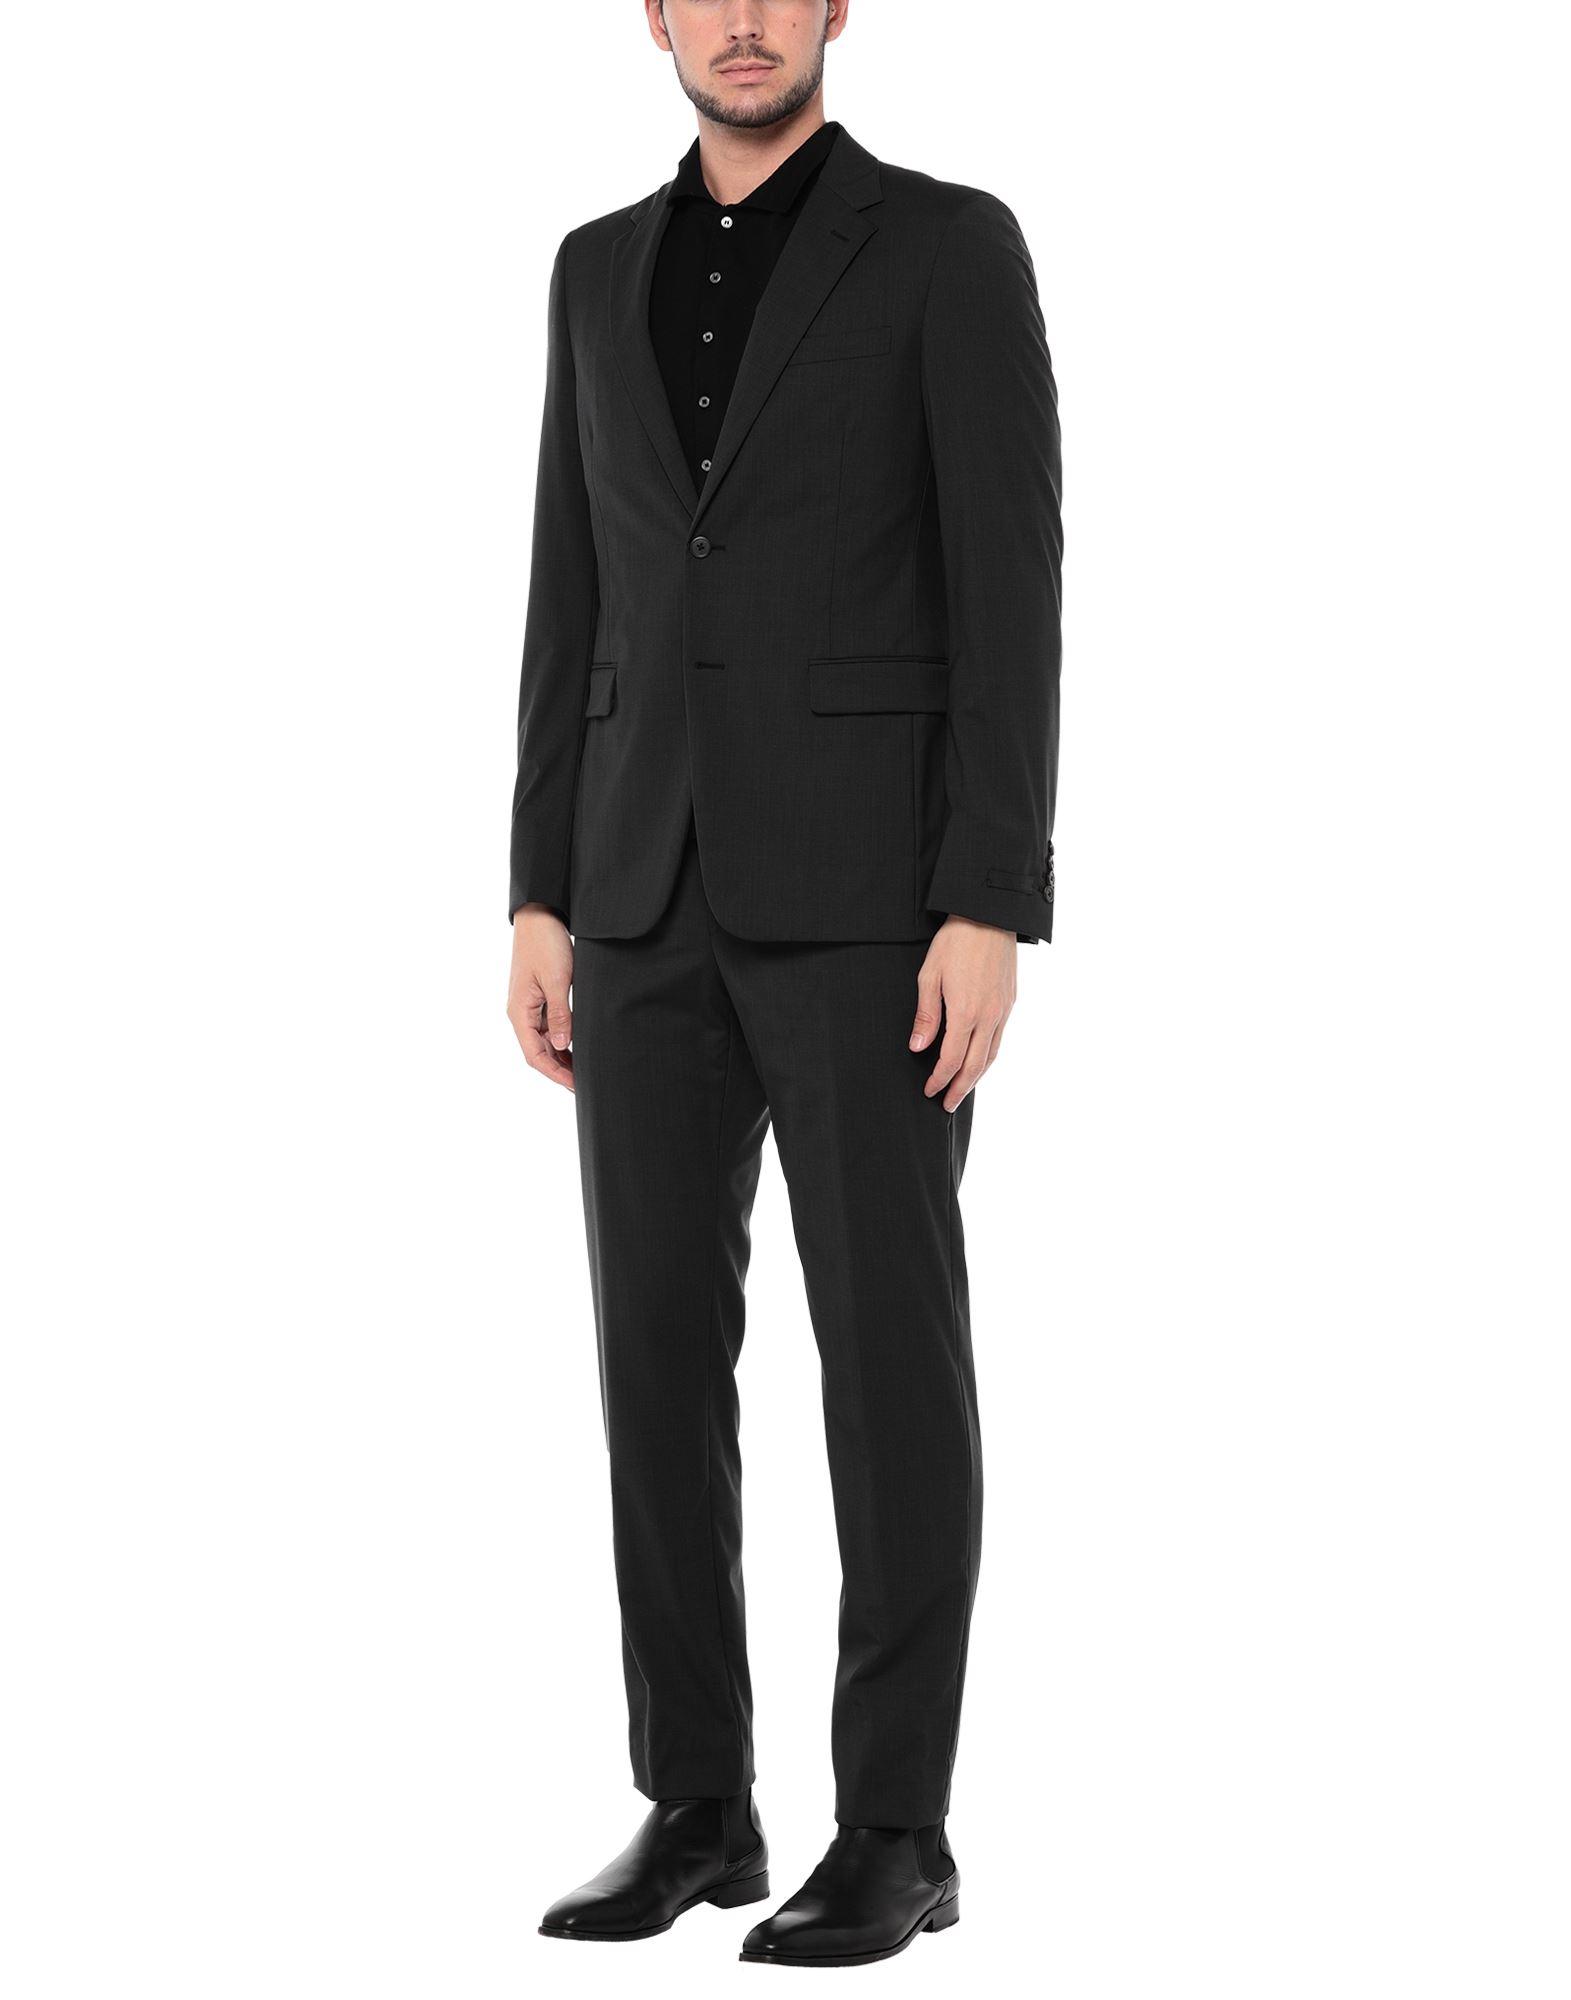 PRADA Suits - Item 49645515